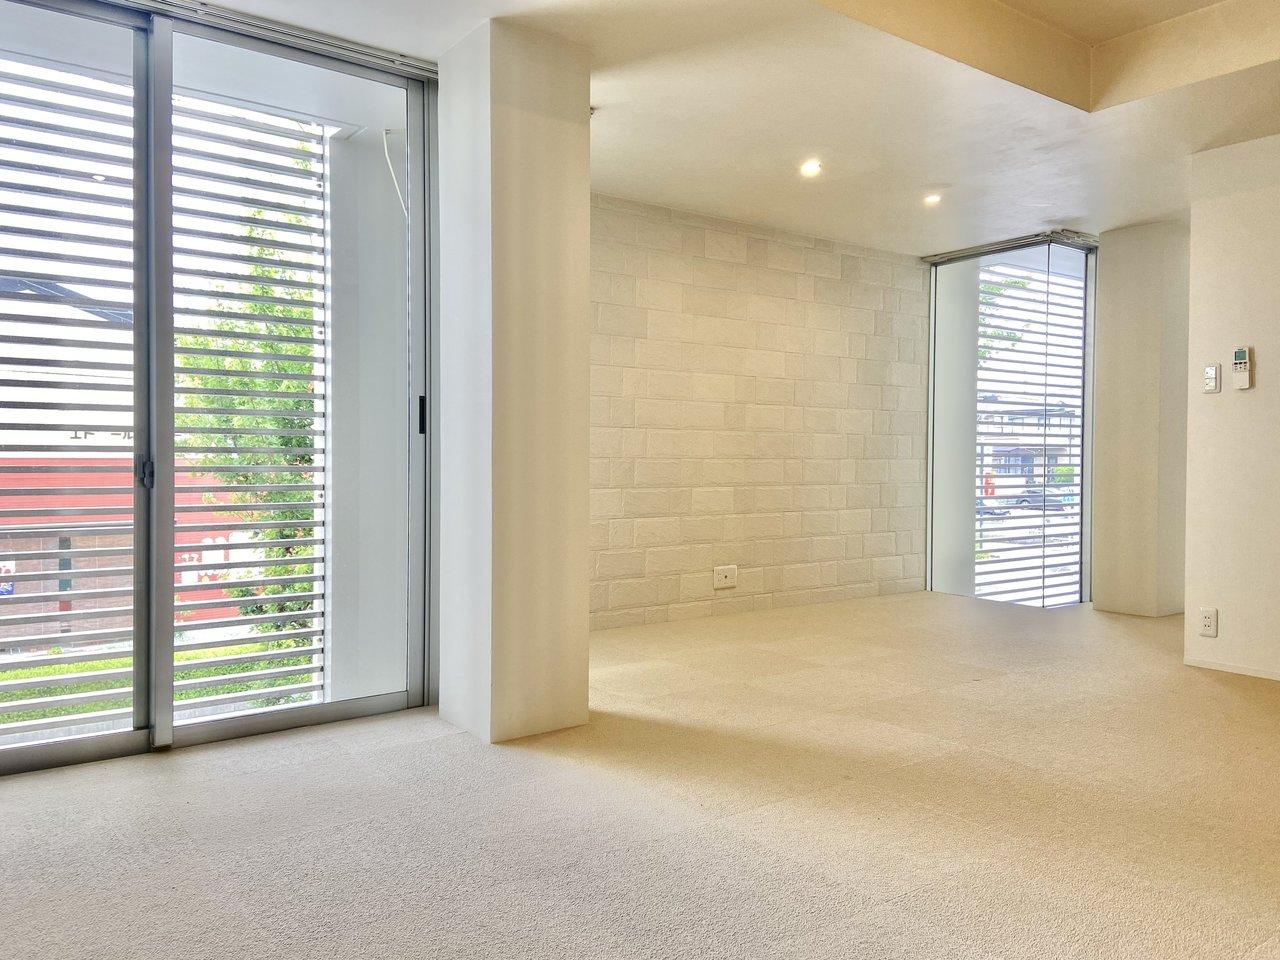 洗練された白とレンガ調のアクセントクロスが魅力的なお部屋。住居としてはもちろん、女性向けのサロン利用も相談可能です。